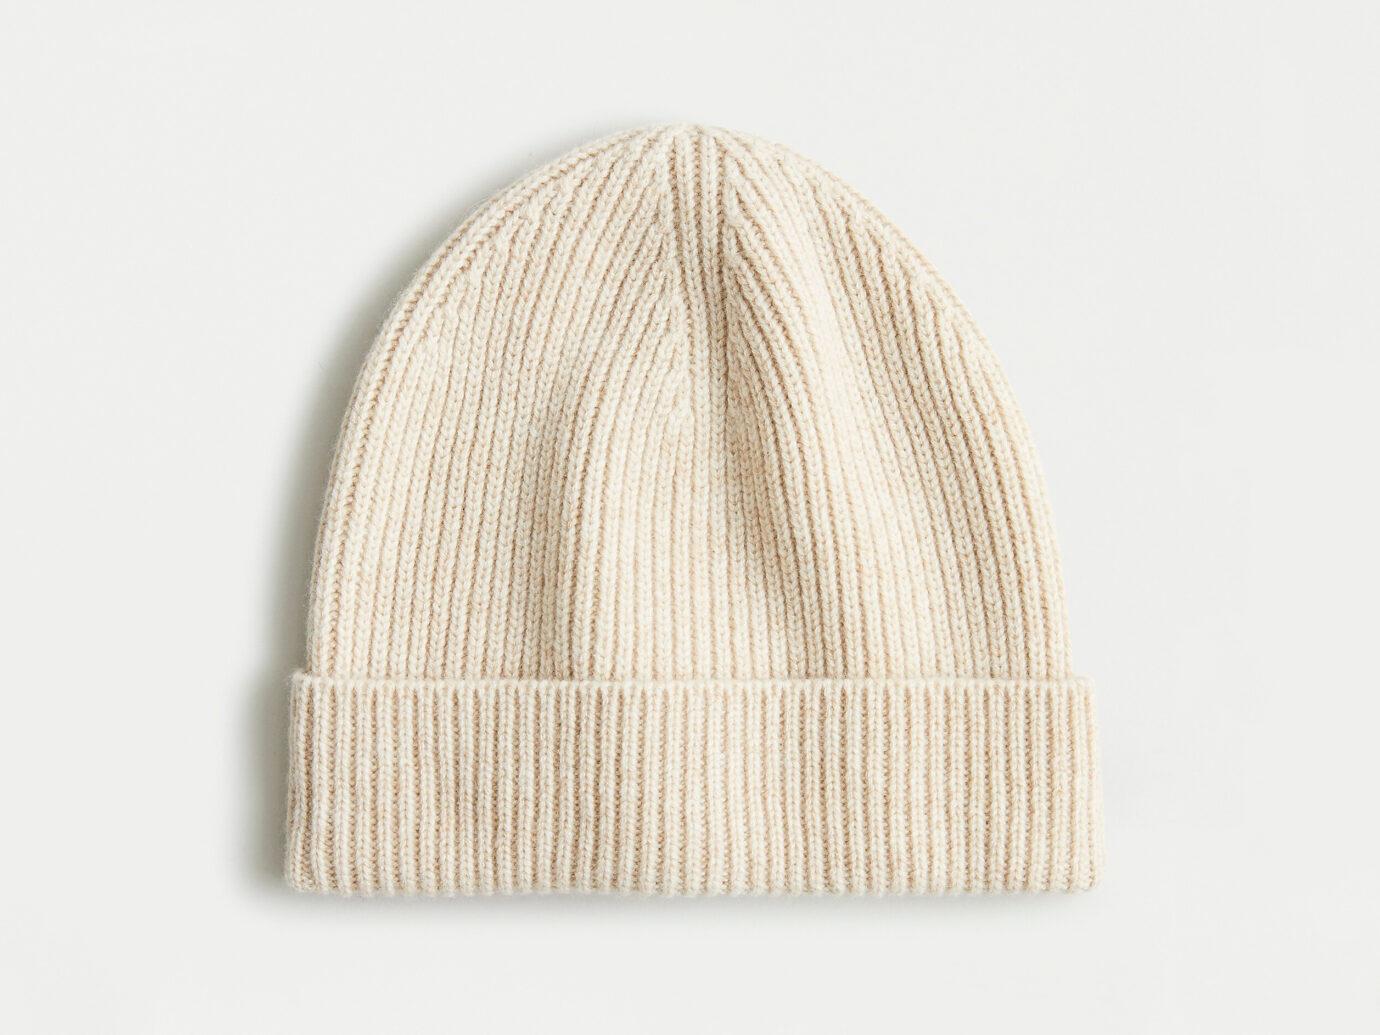 J.Crew Cashmere Knit Hat